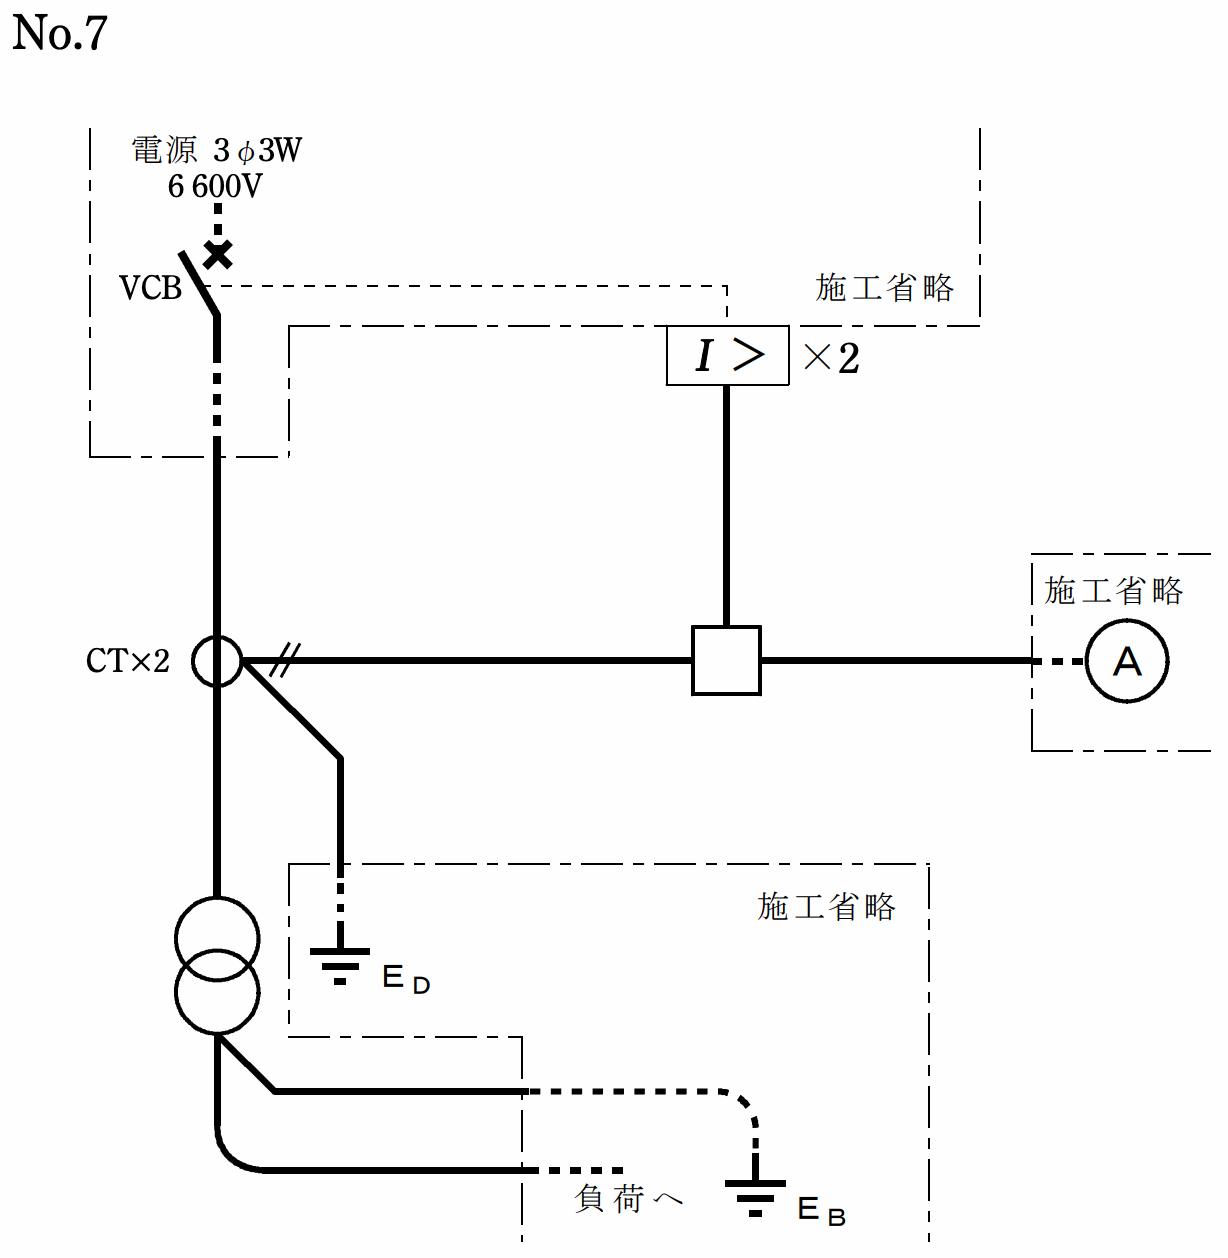 第一種電気工事士の技能試験の候補問題No.7